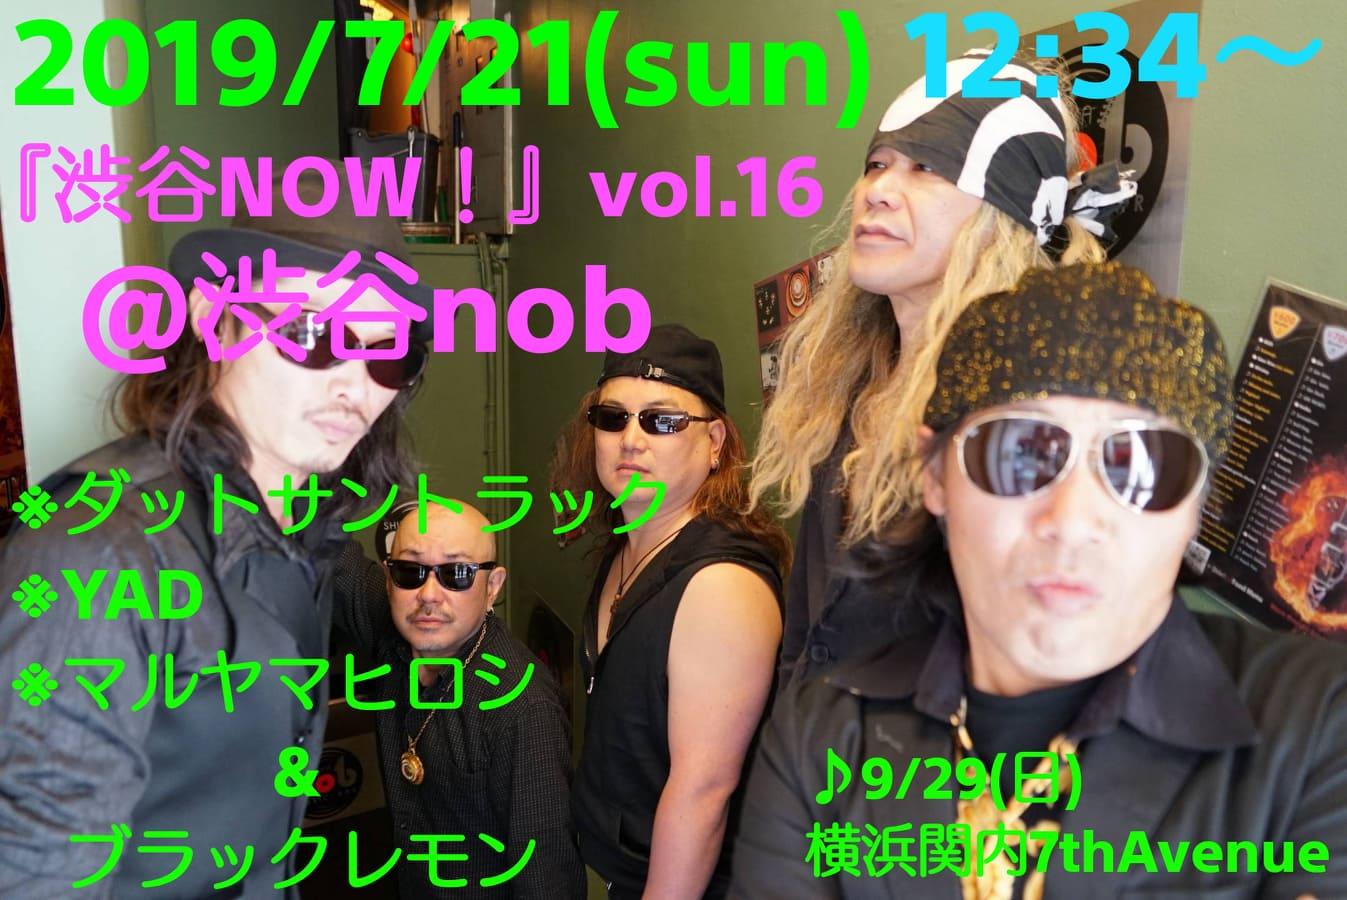 『渋谷NOW!』マルヤマヒロシ&ブラックレモン